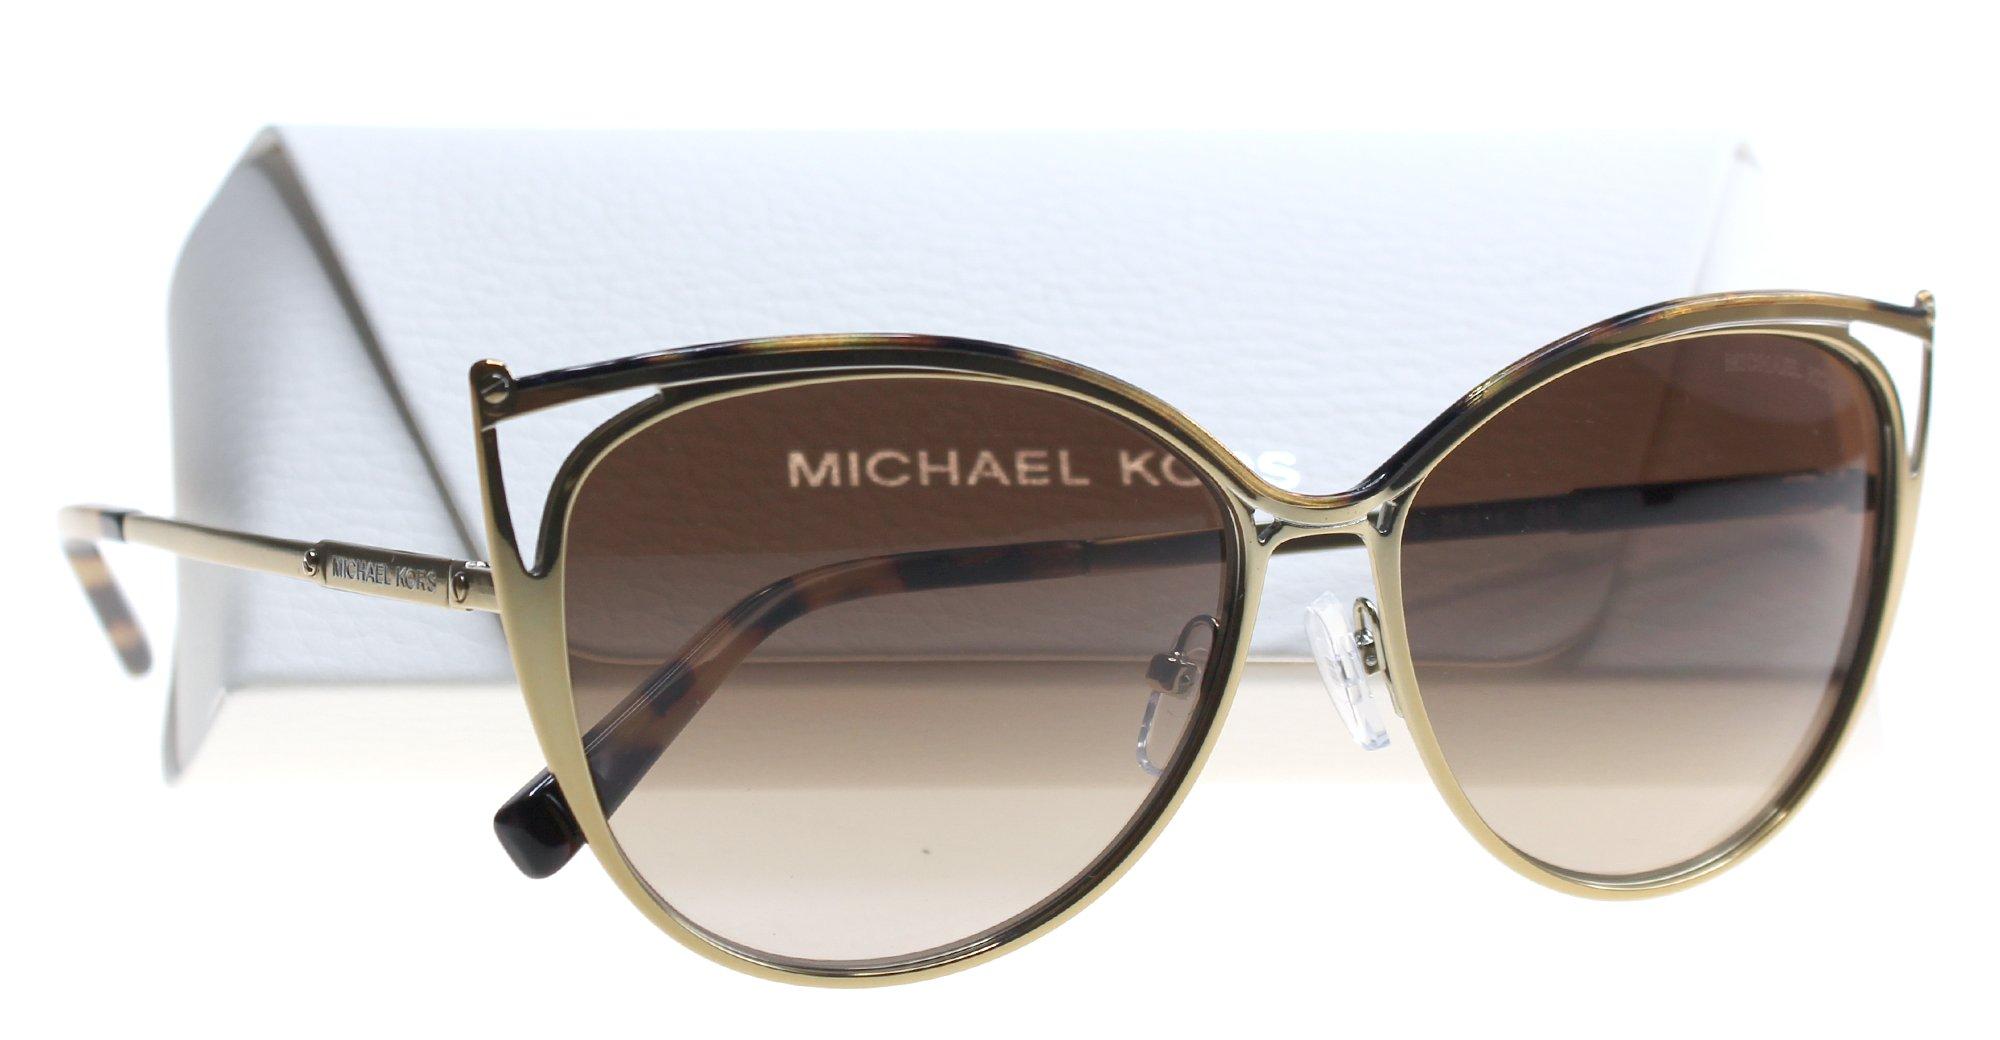 Michael Kors Ina Sonnenbrille Tokyo Tortoise / Gold 116313 56mm hwROHUL